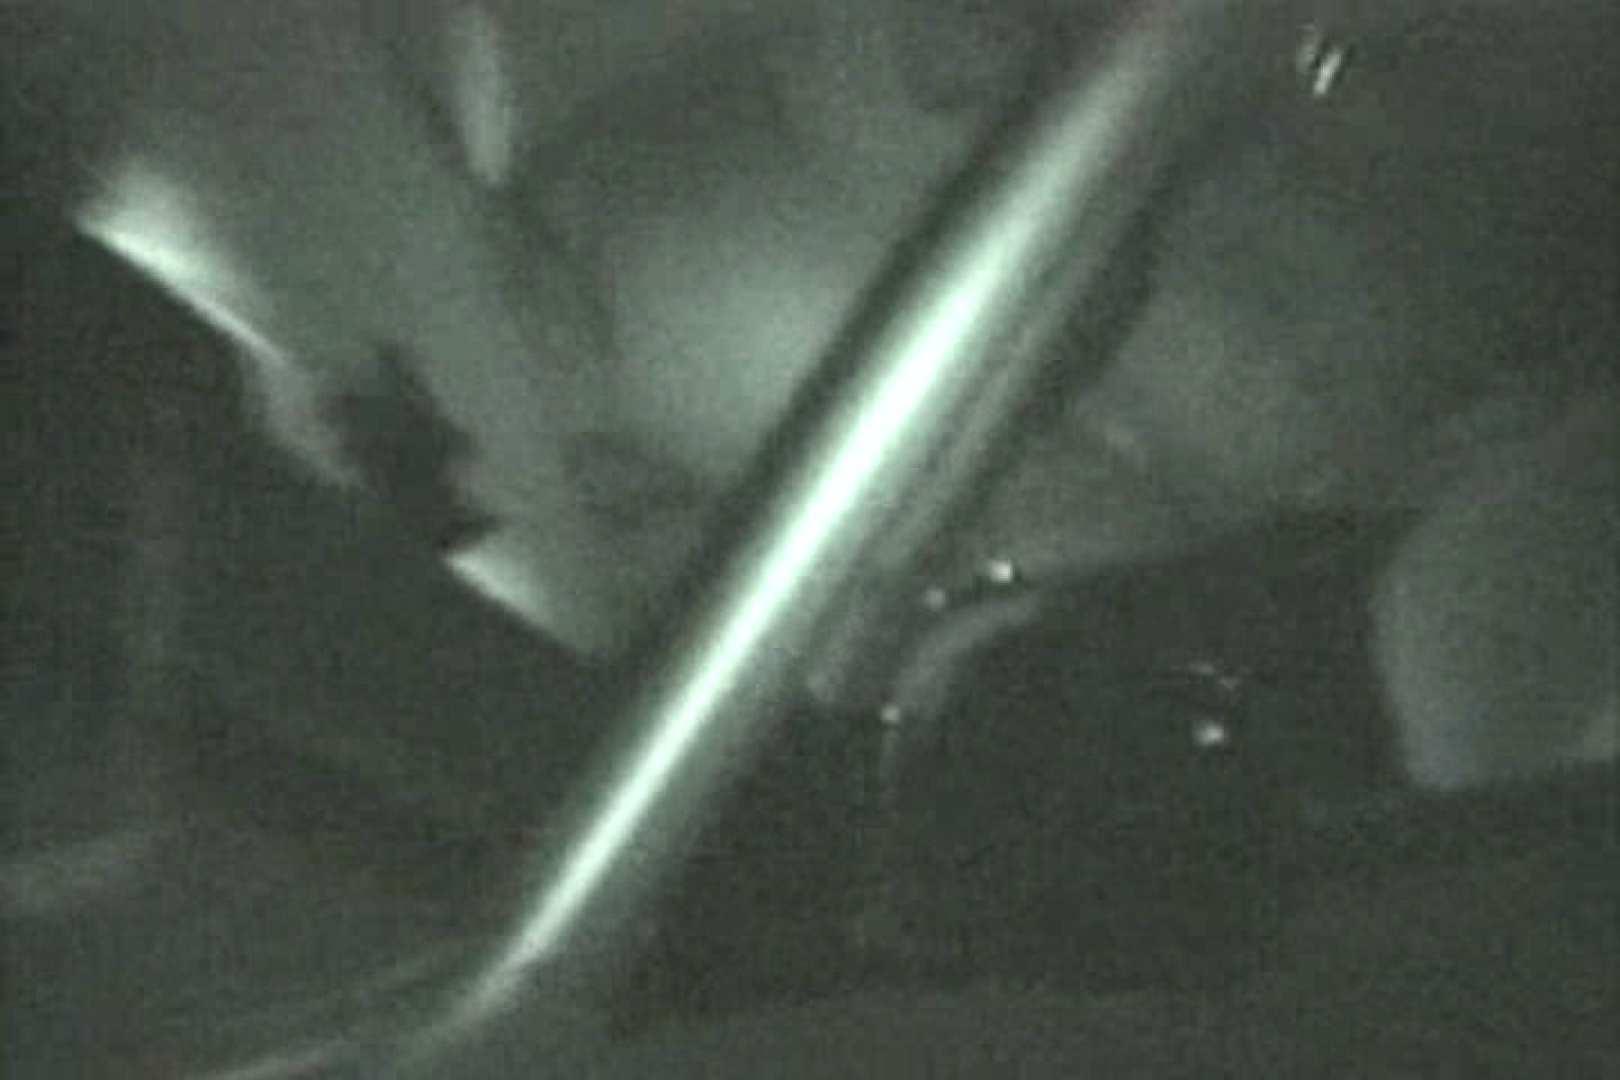 蔵出し!!赤外線カーセックスVol.11 カーセックス おまんこ無修正動画無料 93pic 24